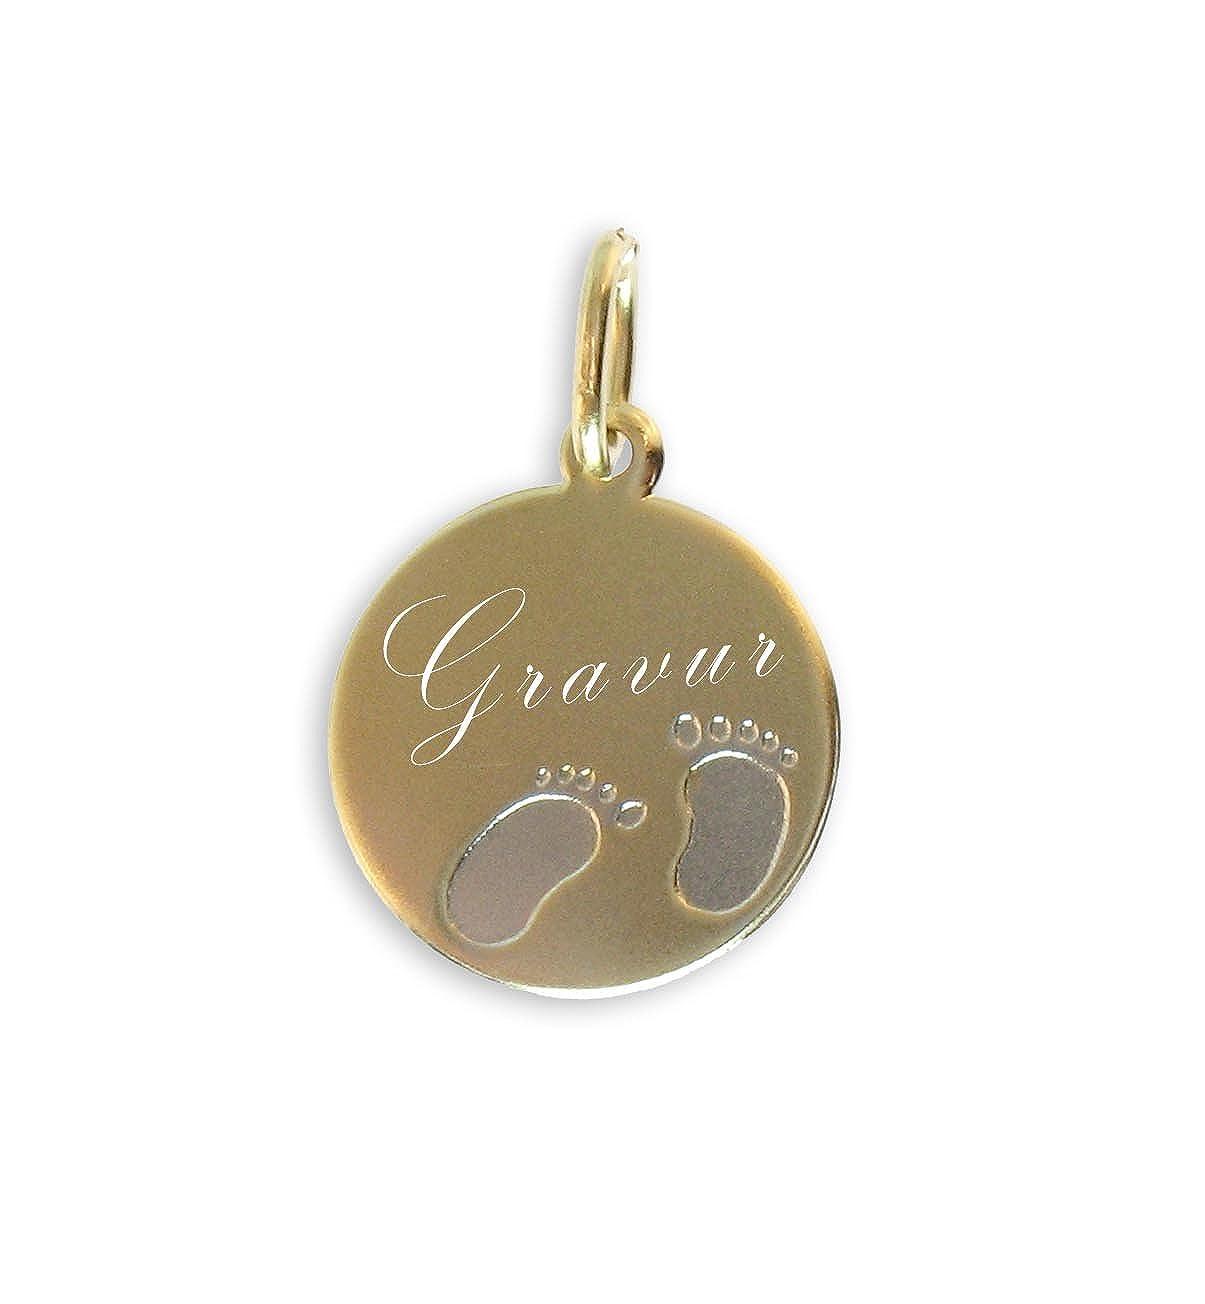 Taufanhänger Babyfüsse echt 14 Karat Gold 585 (Art 201015/022) GRATIS-SOFORT-GRAVUR Viennagold 201022